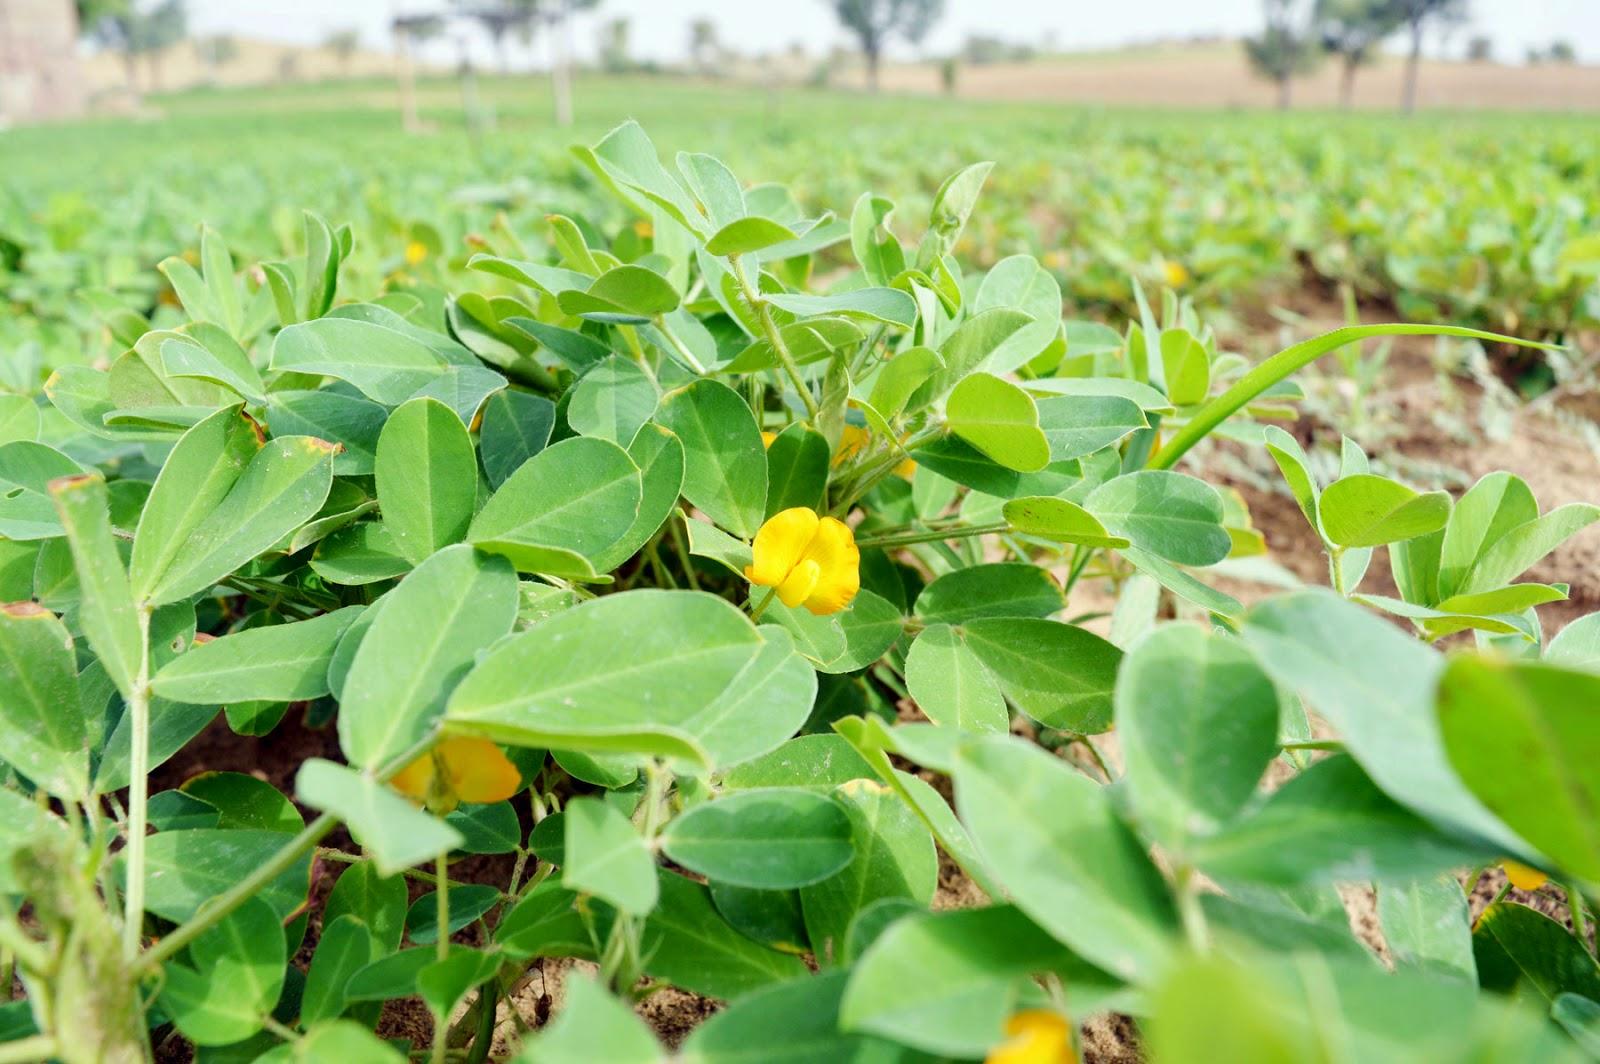 Groundnut flower